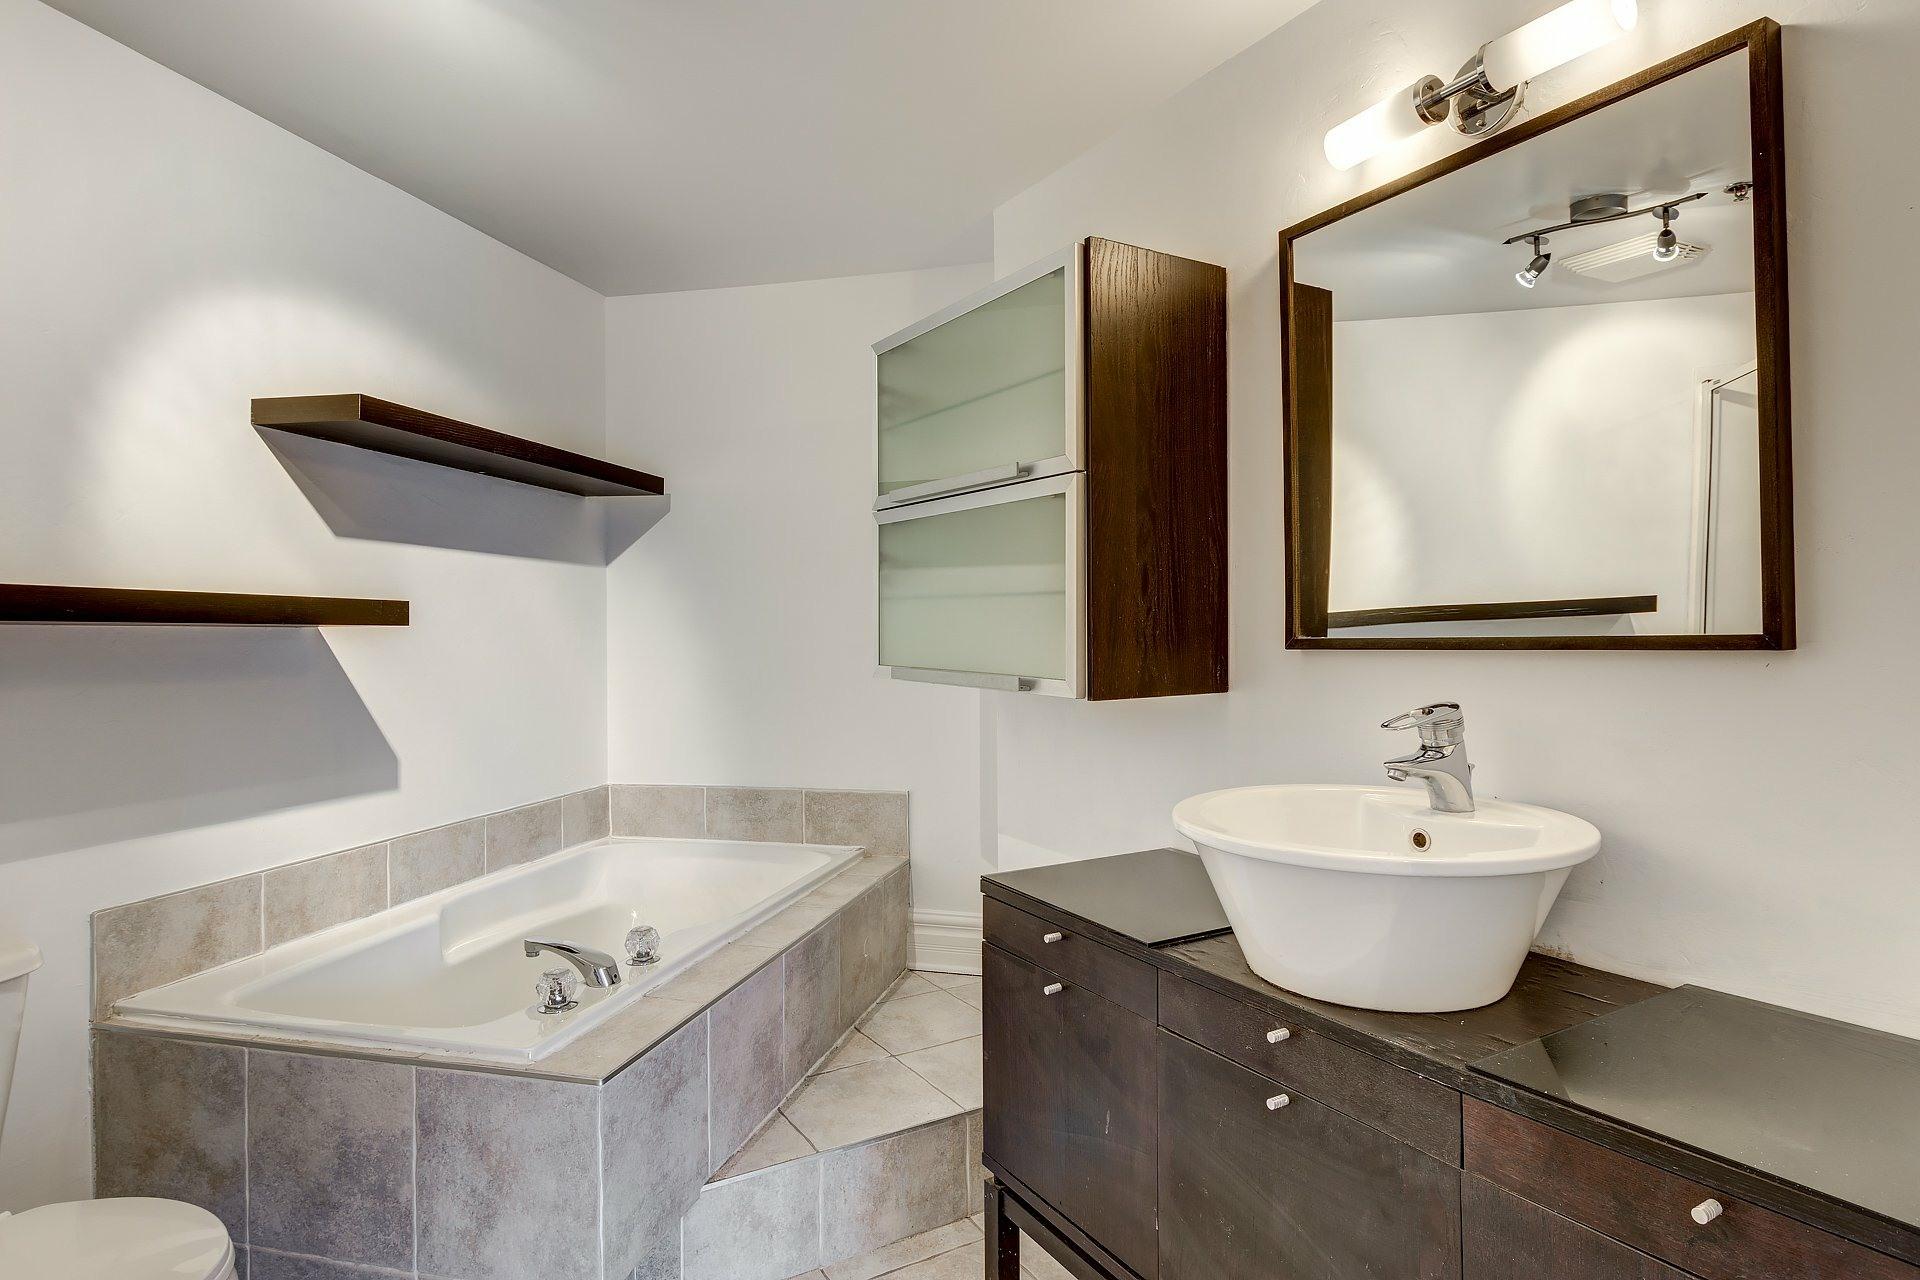 image 13 - Appartement À vendre Montréal Ville-Marie  - 4 pièces